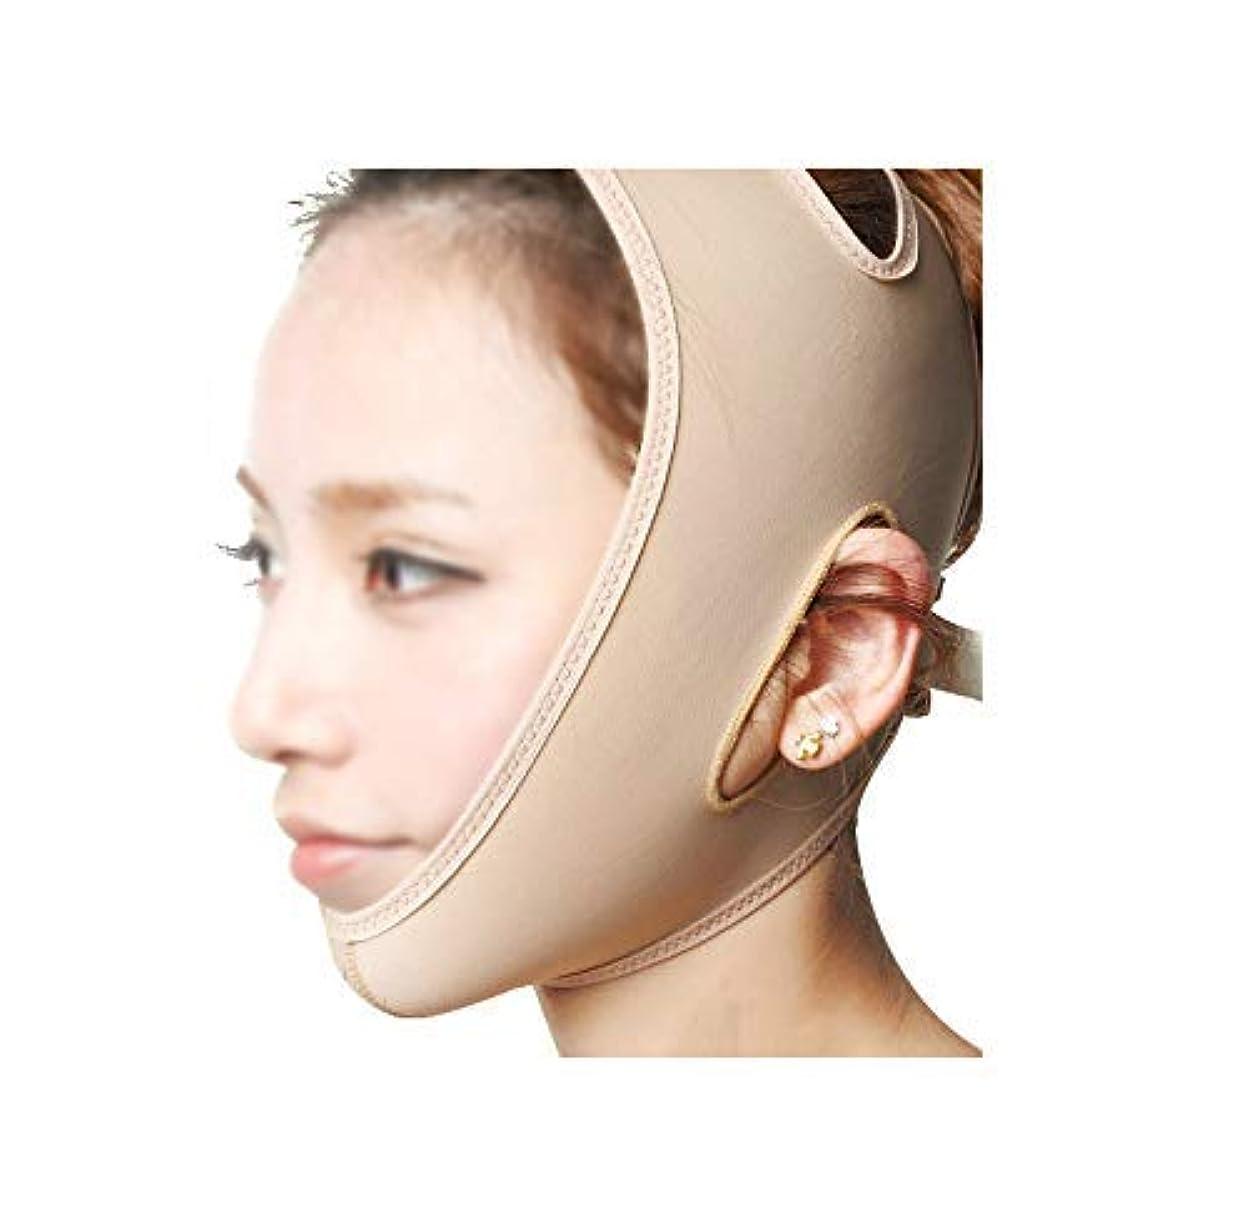 フェイスリフティングバンデージVフェイスインスツルメントフェイスマスクアーティファクトフェイスリフティング引き締めフェイシャルマッサージ通気性肌のトーン(サイズ:xl),M